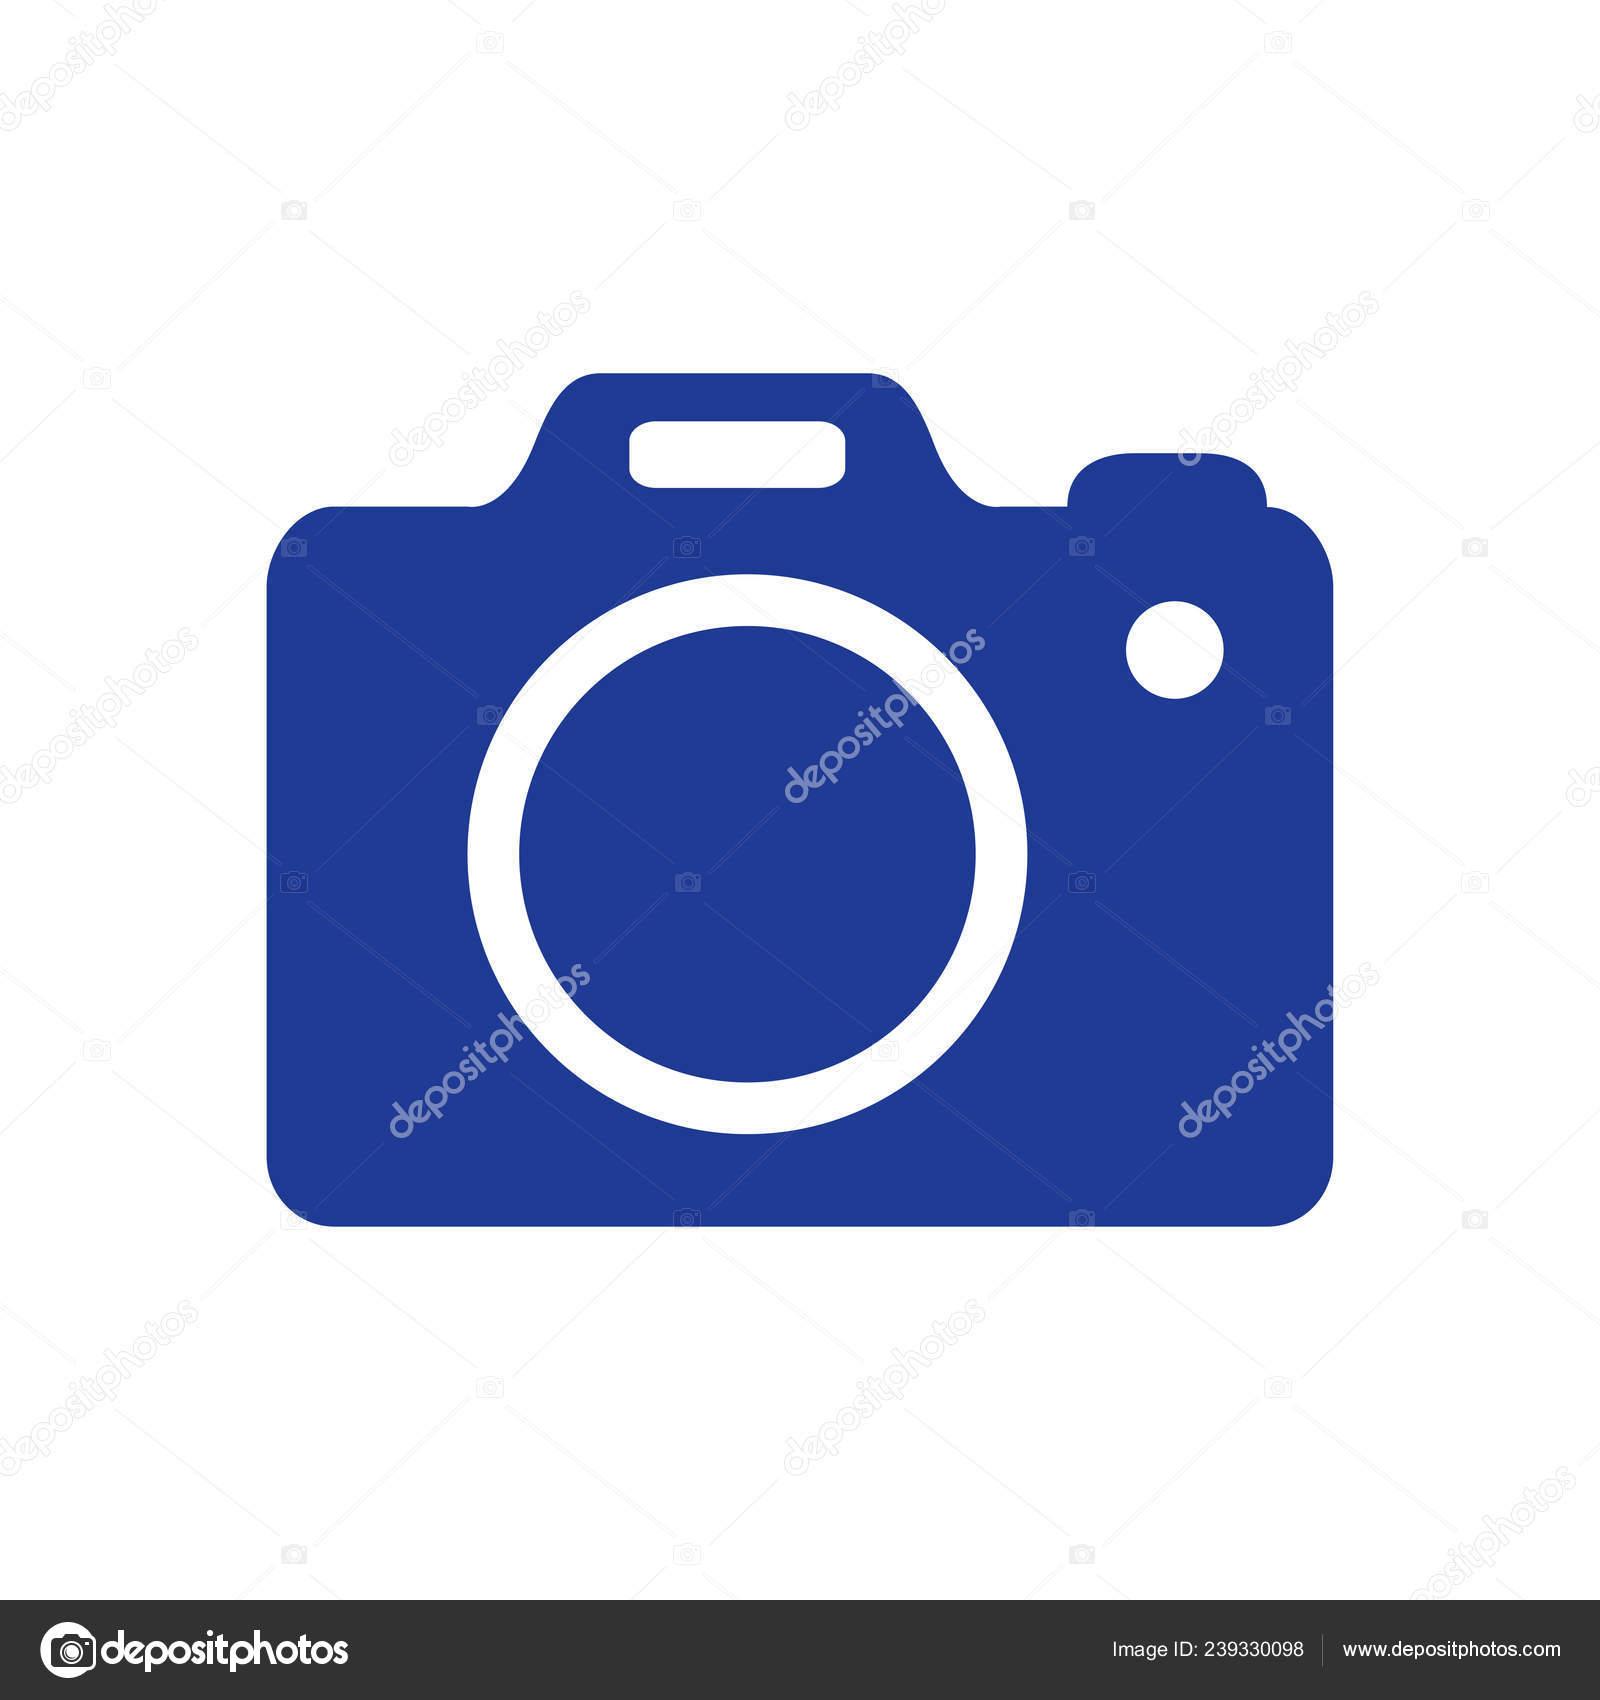 краски это значок фотоаппарата на карте гармин нас